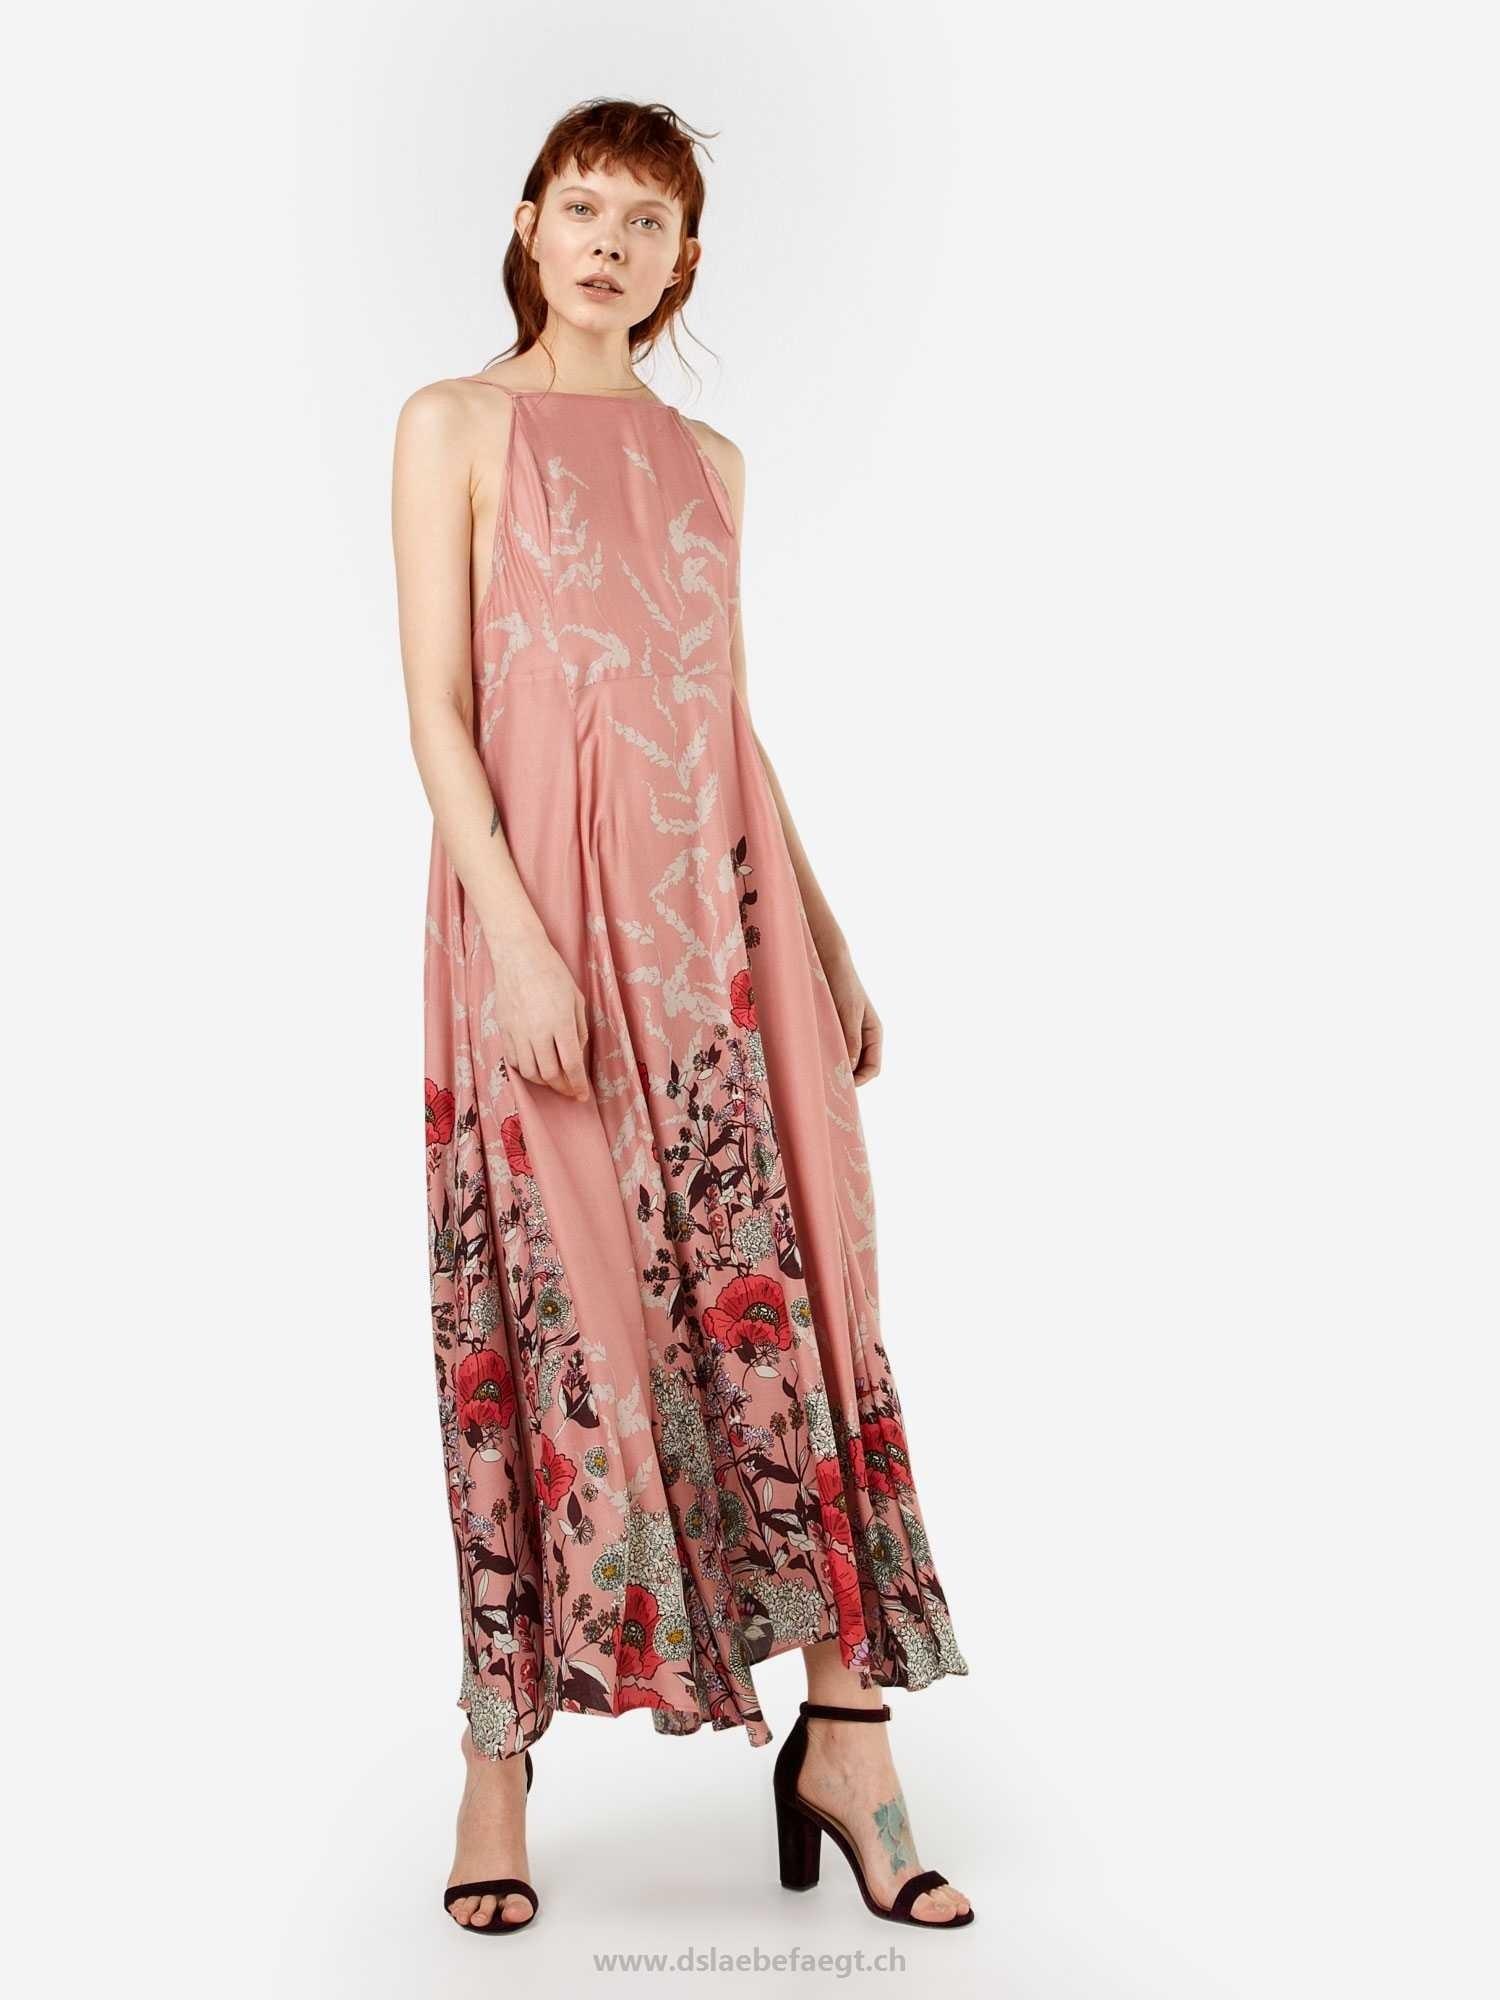 20 Cool Damenkleider Gr 50 Boutique15 Schön Damenkleider Gr 50 Ärmel